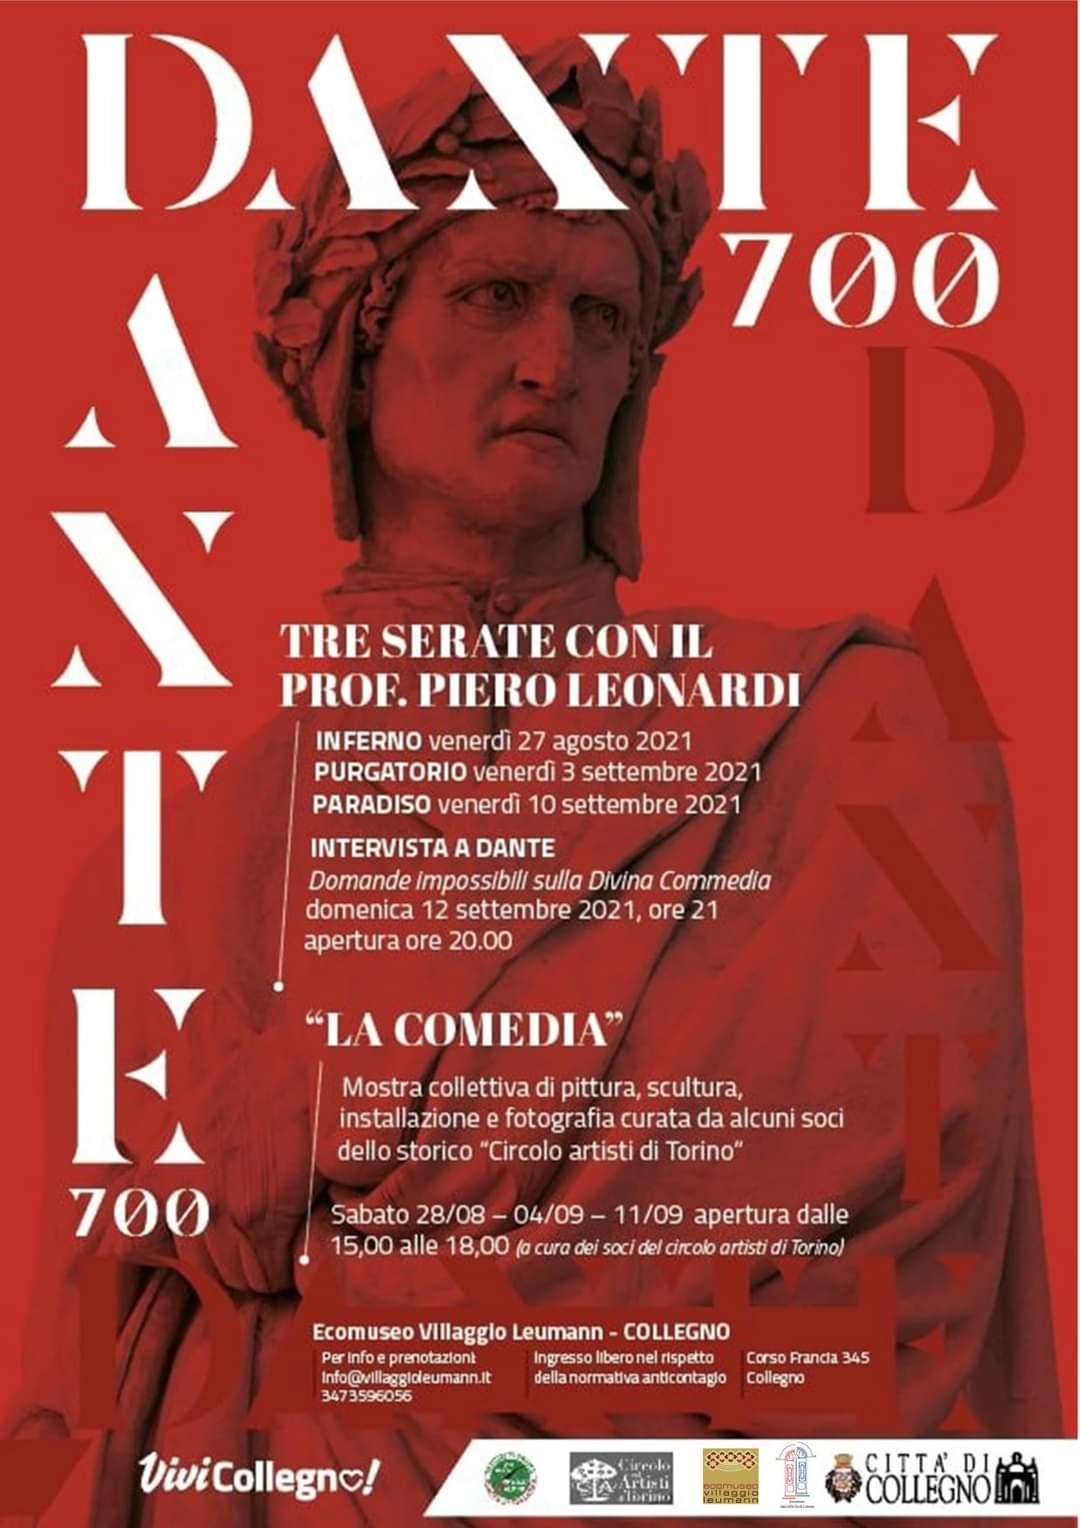 Eventi dedicati a Dante Alighieri